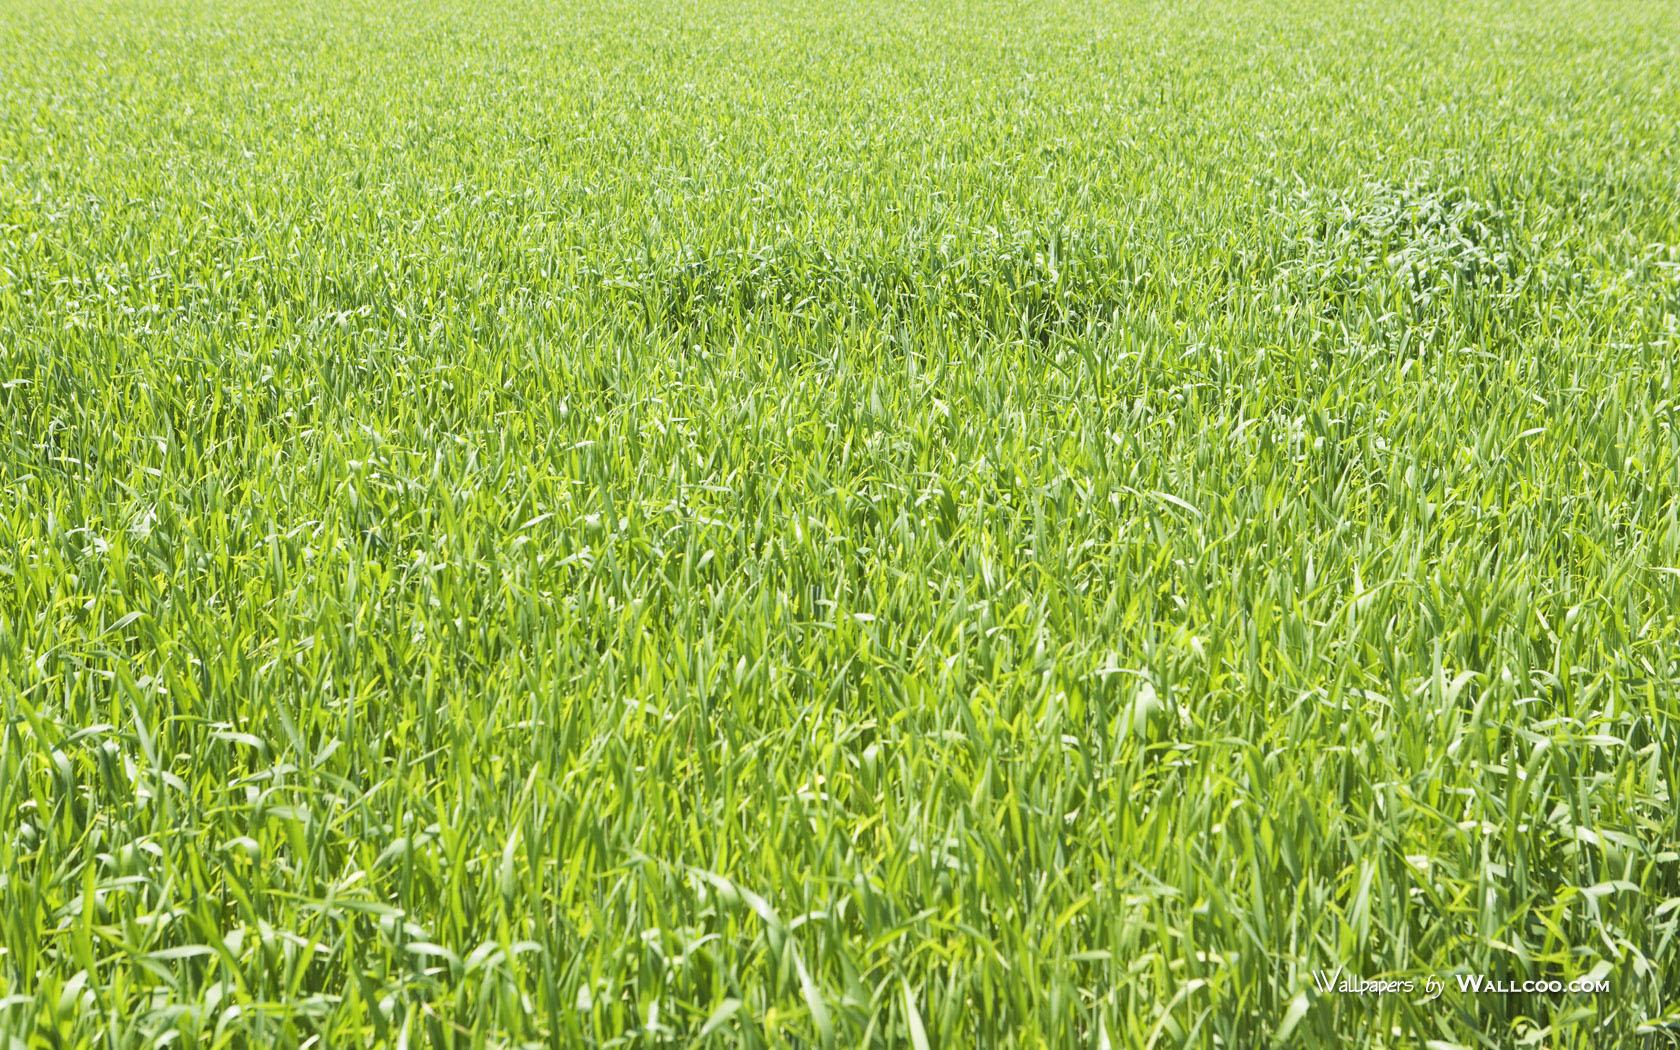 green-grassland-under-sky-photo-162